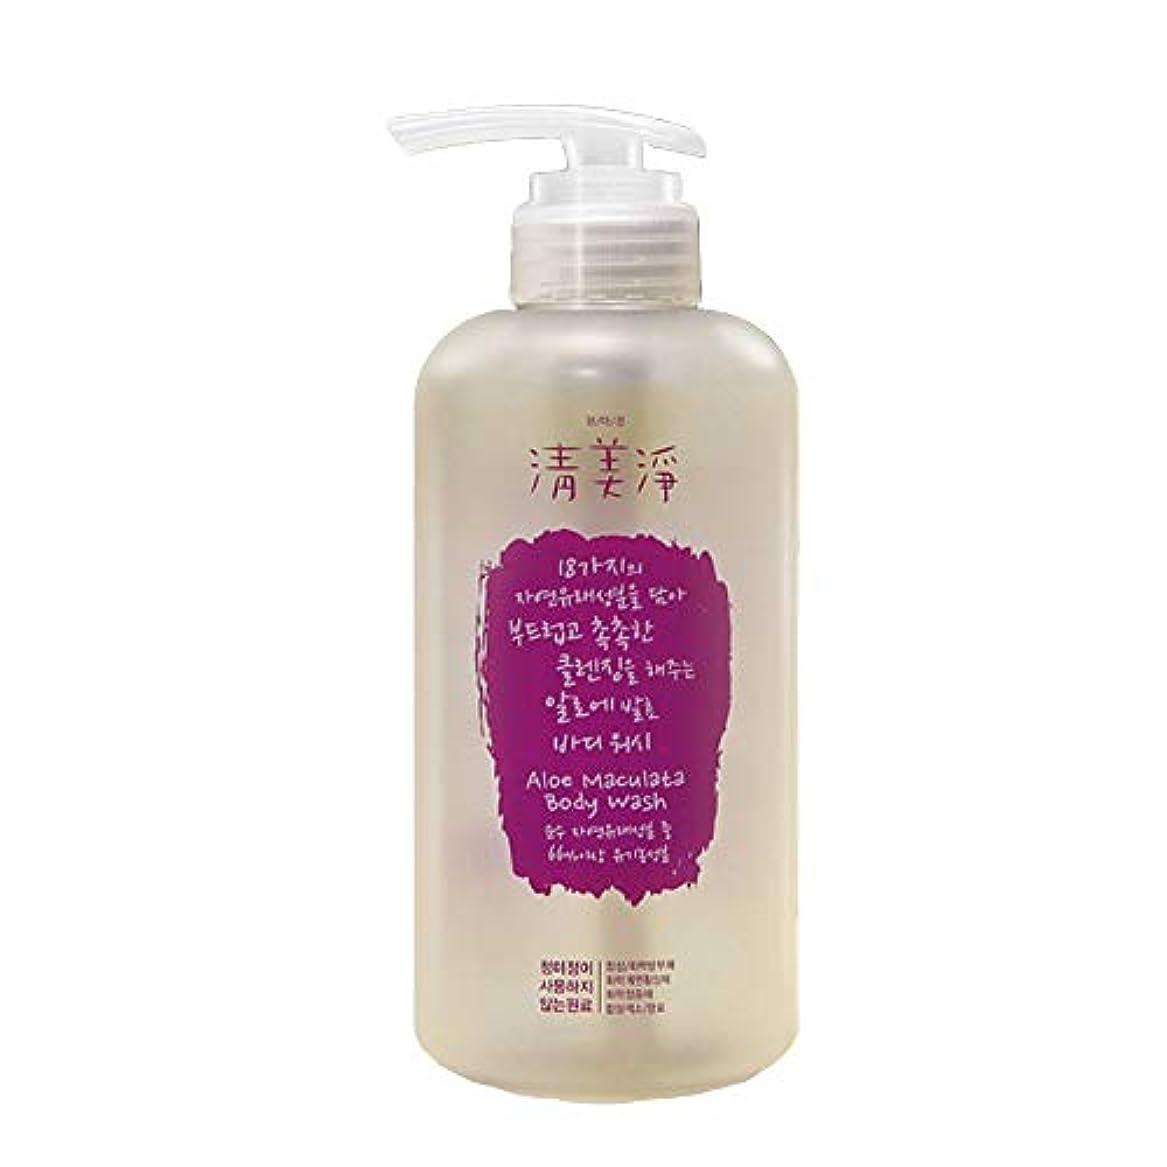 代表して球体きょうだい[ChungMiJung] 清美浄(チョンミジョン) アロエ発酵ボディウォッシュ 500ml Aloe Maculata Body Wash - Organic Body Wash with 18 Ingredients from Nature for Sensitive Skin Korean Skincare